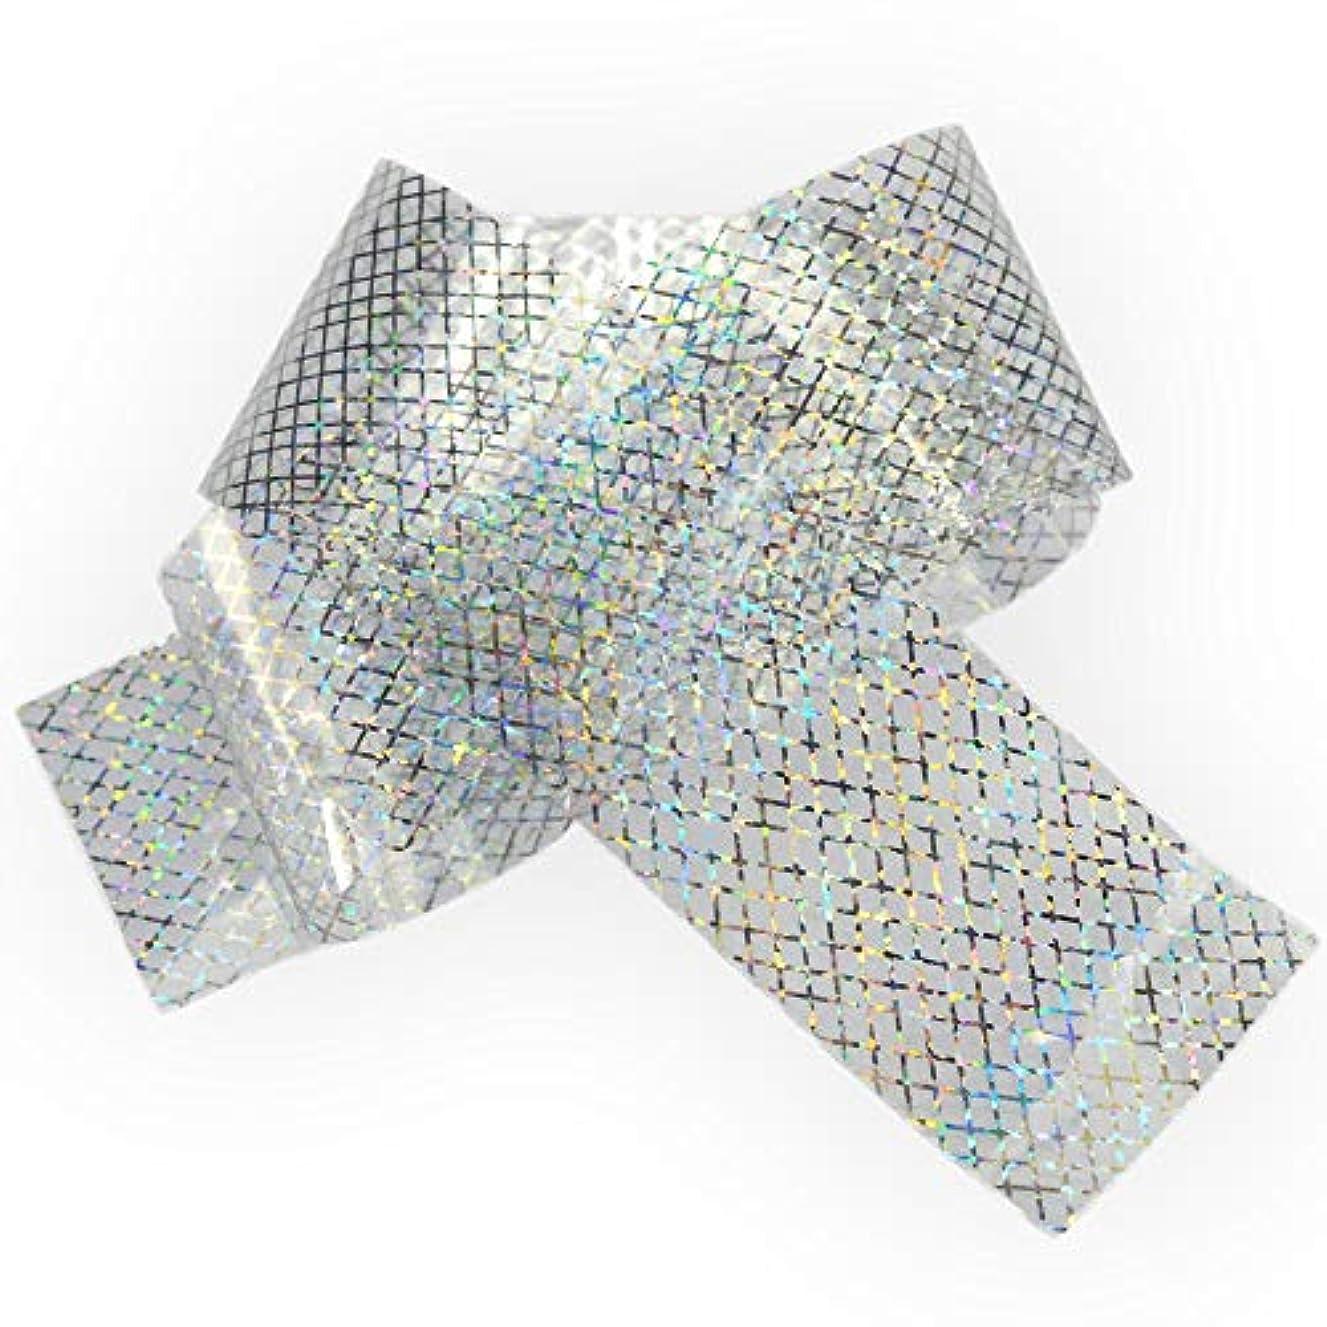 鉱石取り戻す甲虫100x4cmホログラフィック星空ネイル箔レーザーラインネイルアート転送ステッカーシャイニーネイルジュエリーアクセサリー